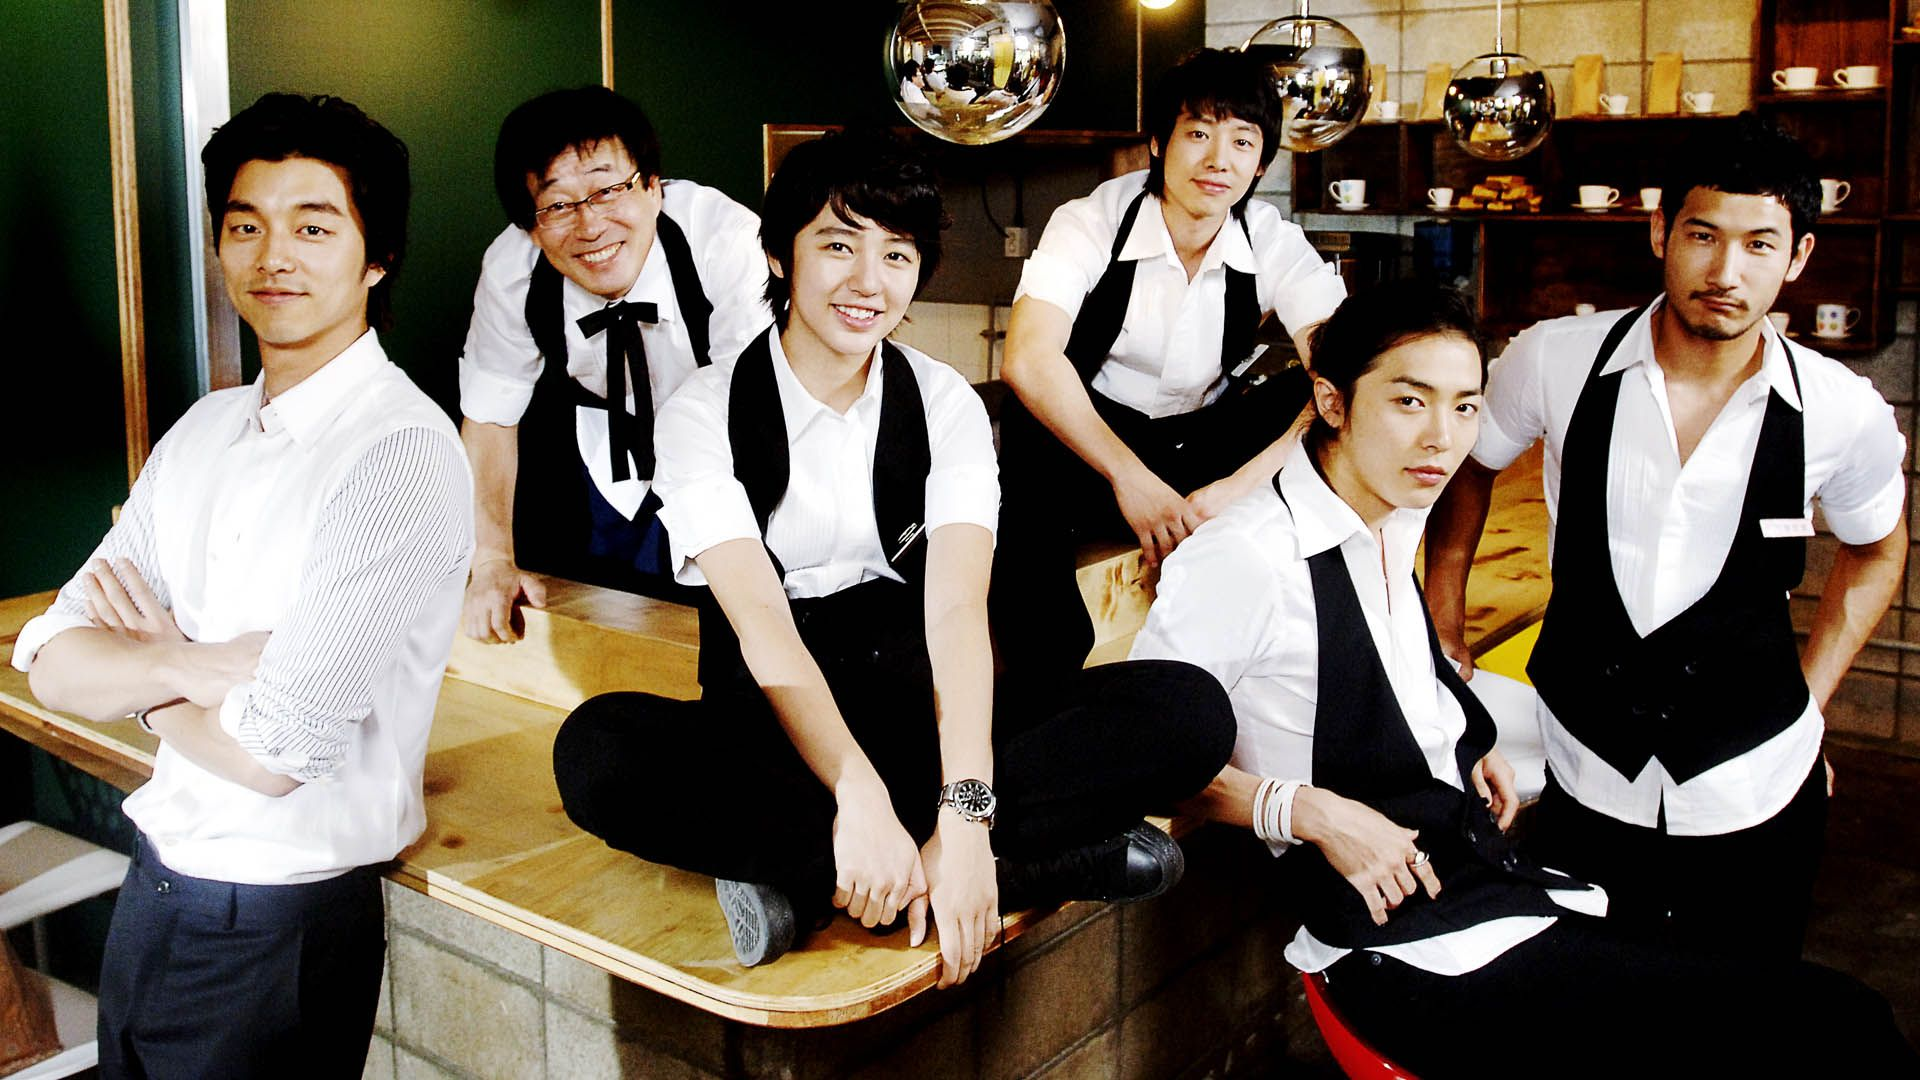 The 1st Shop Of Coffee Prince Eun Chan Ha Ido Adquiriendo Una Personalidad Fuerte Propia De Un Hombre Y Ha Ten Coffee Prince Korean Drama Korean Drama Online